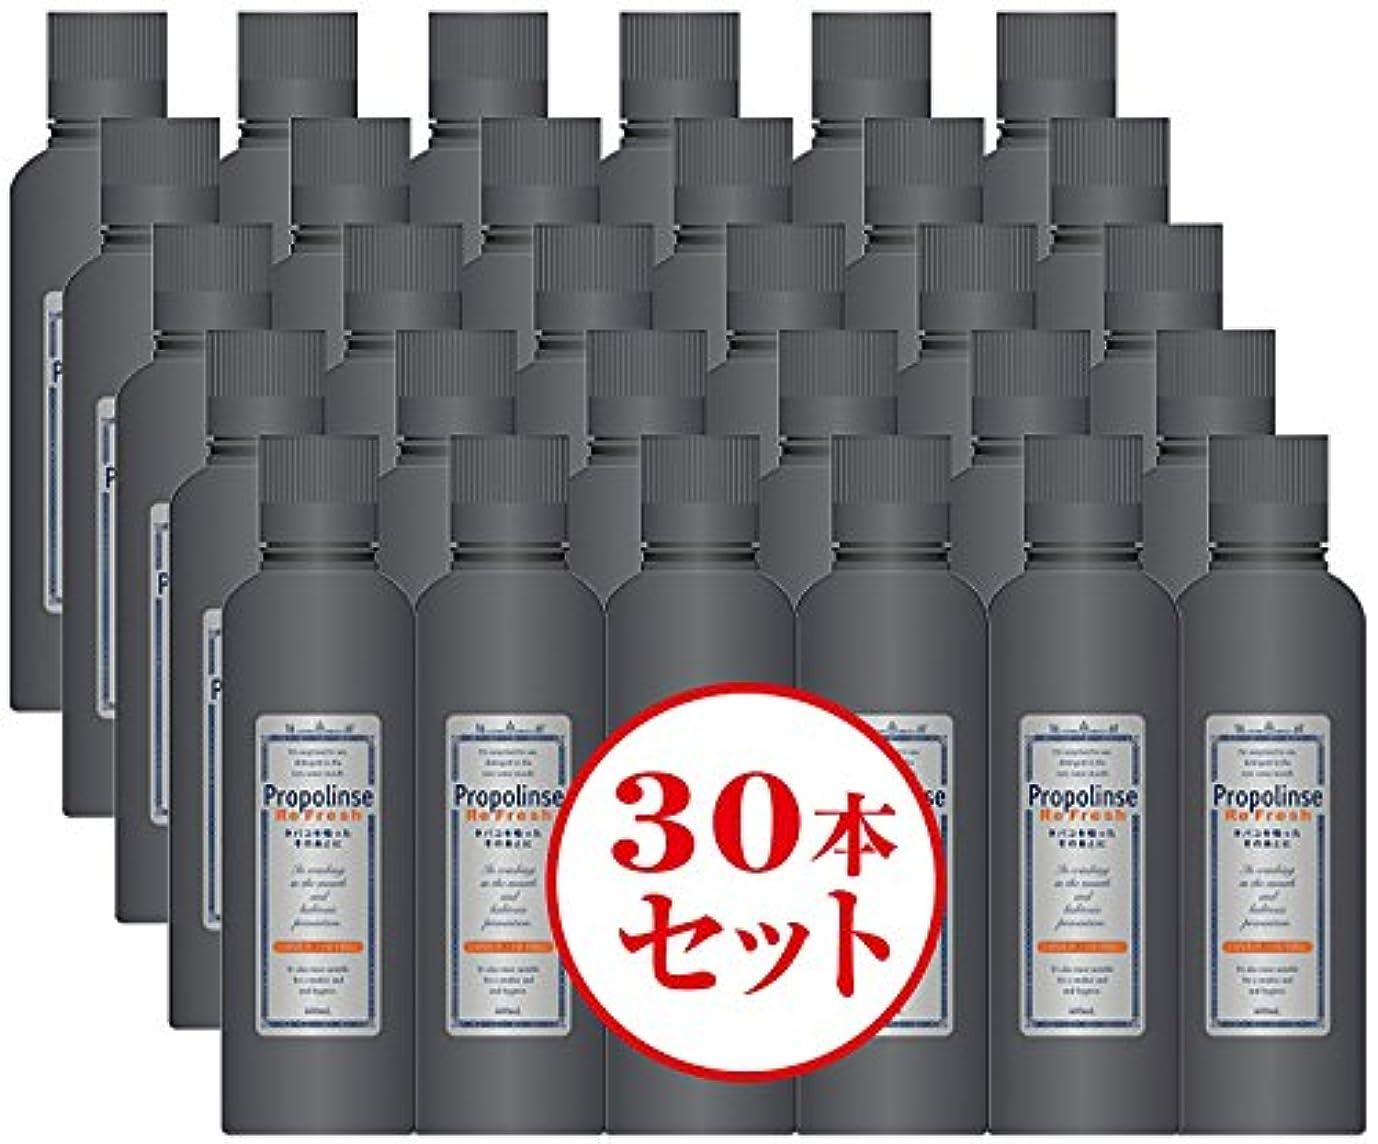 同種の主流海洋のプロポリンス タバコ用600ml×30本